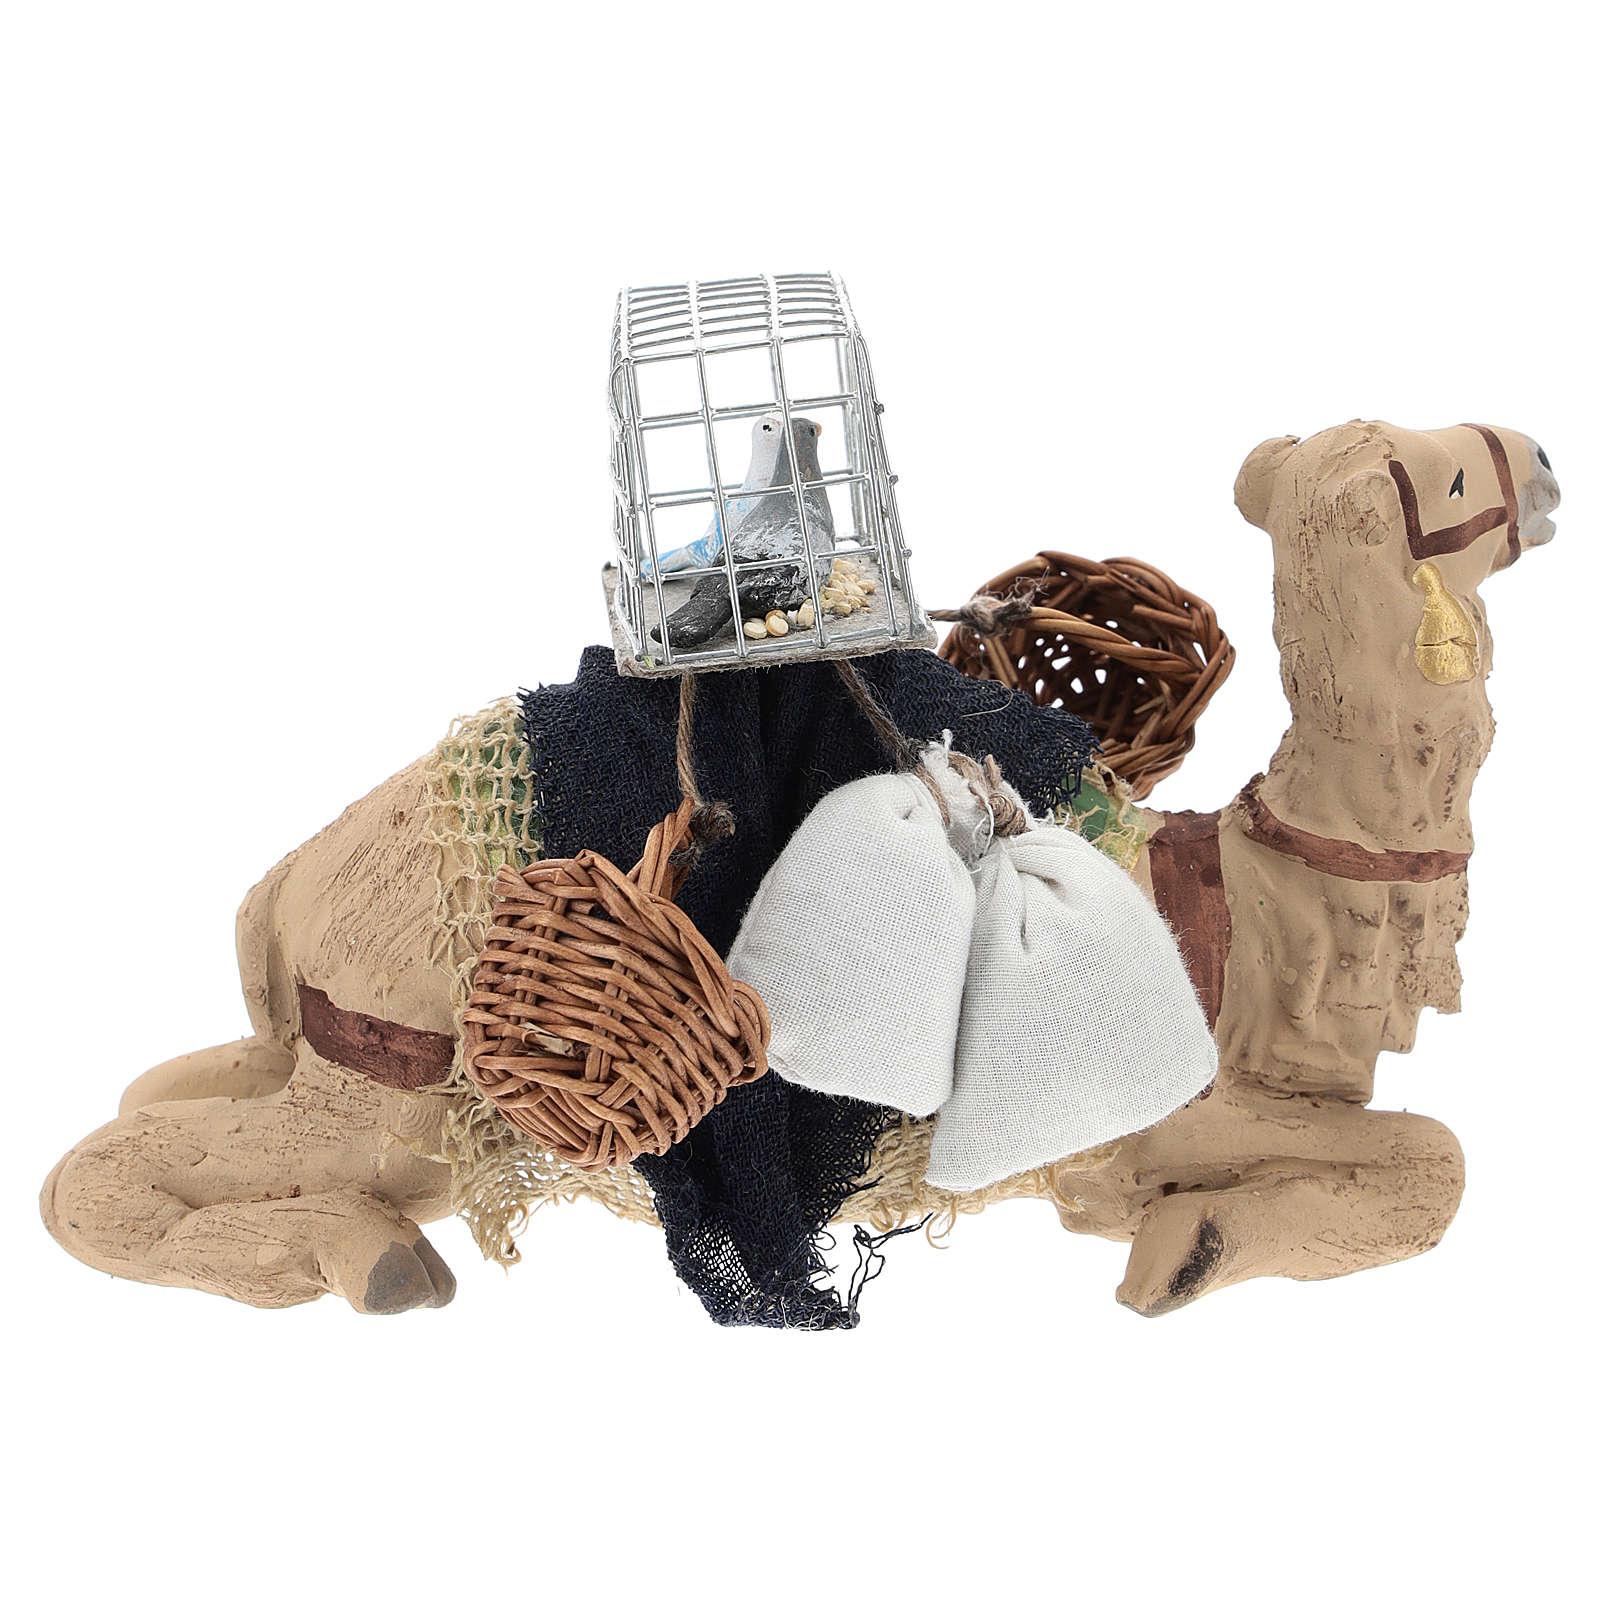 Cammello bardato seduto per presepe napoletano 10 cm 4